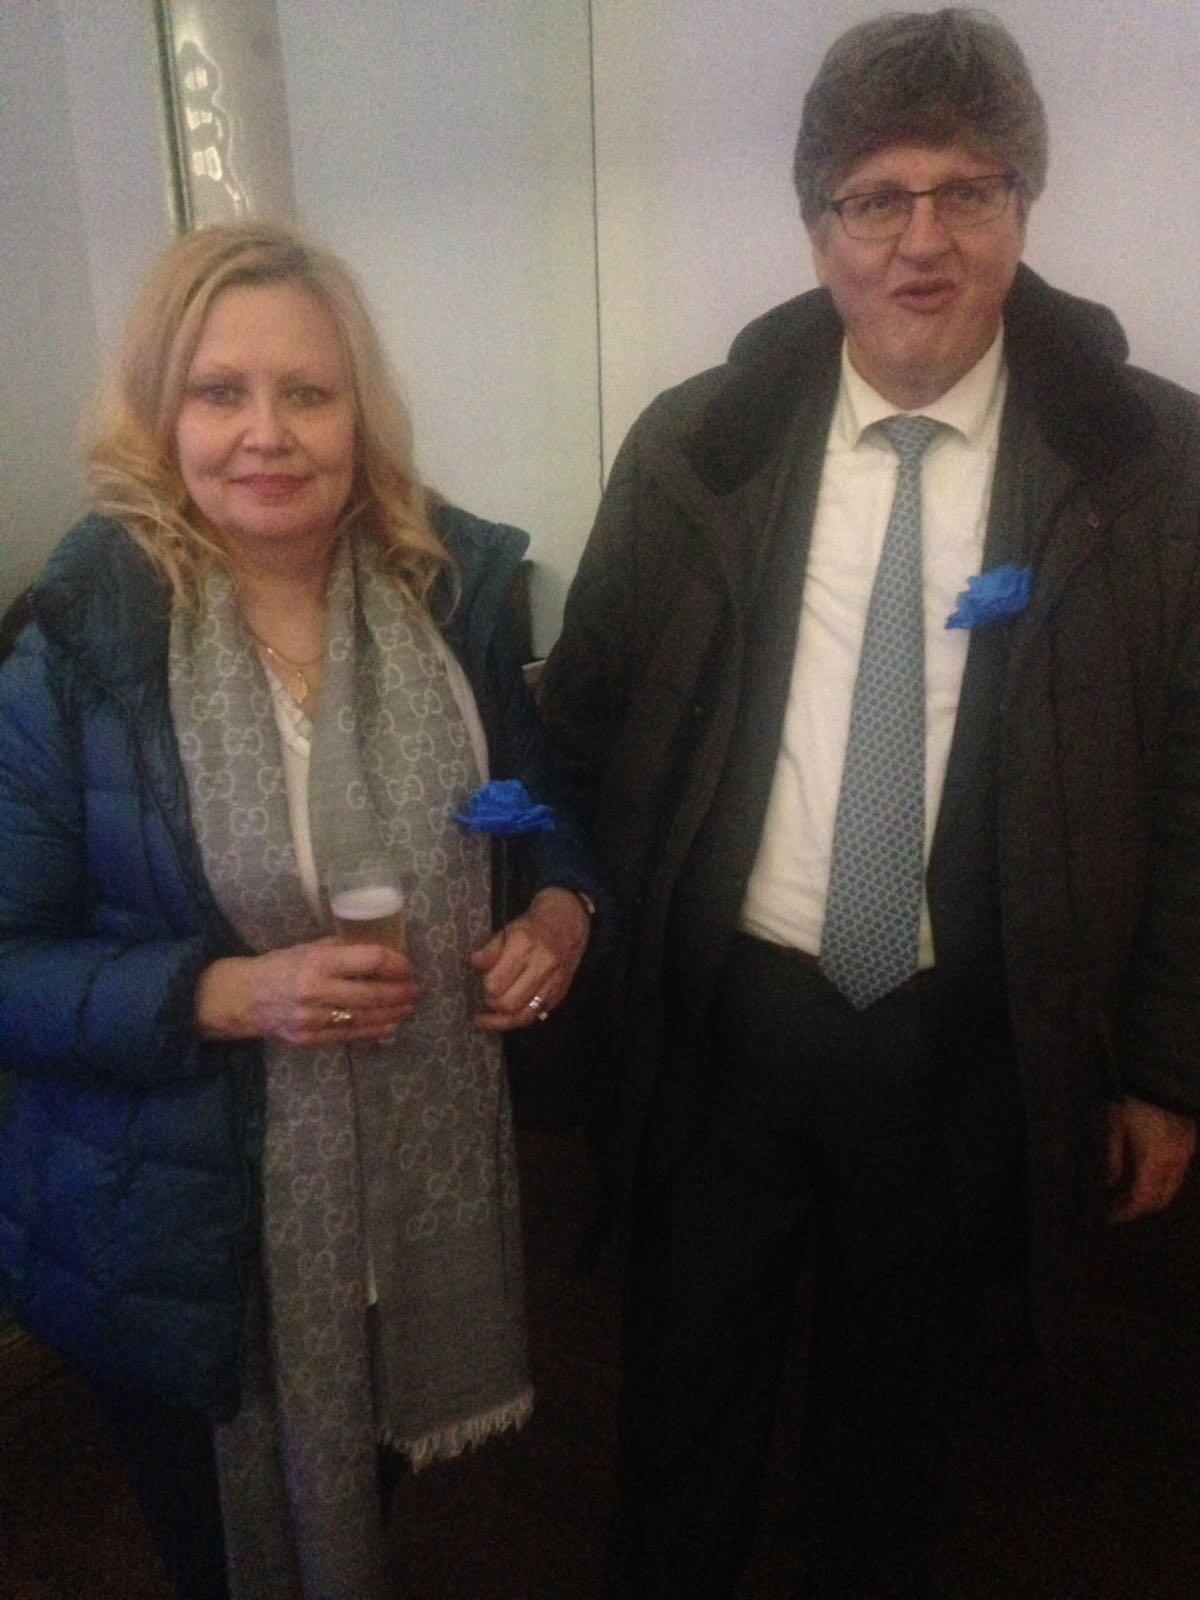 Eleitores de Marine Le Pen carregaram nas mãos ou nas lapelas rosas azuis, símbolo da campanha presidente da líder da Frente Nacional.